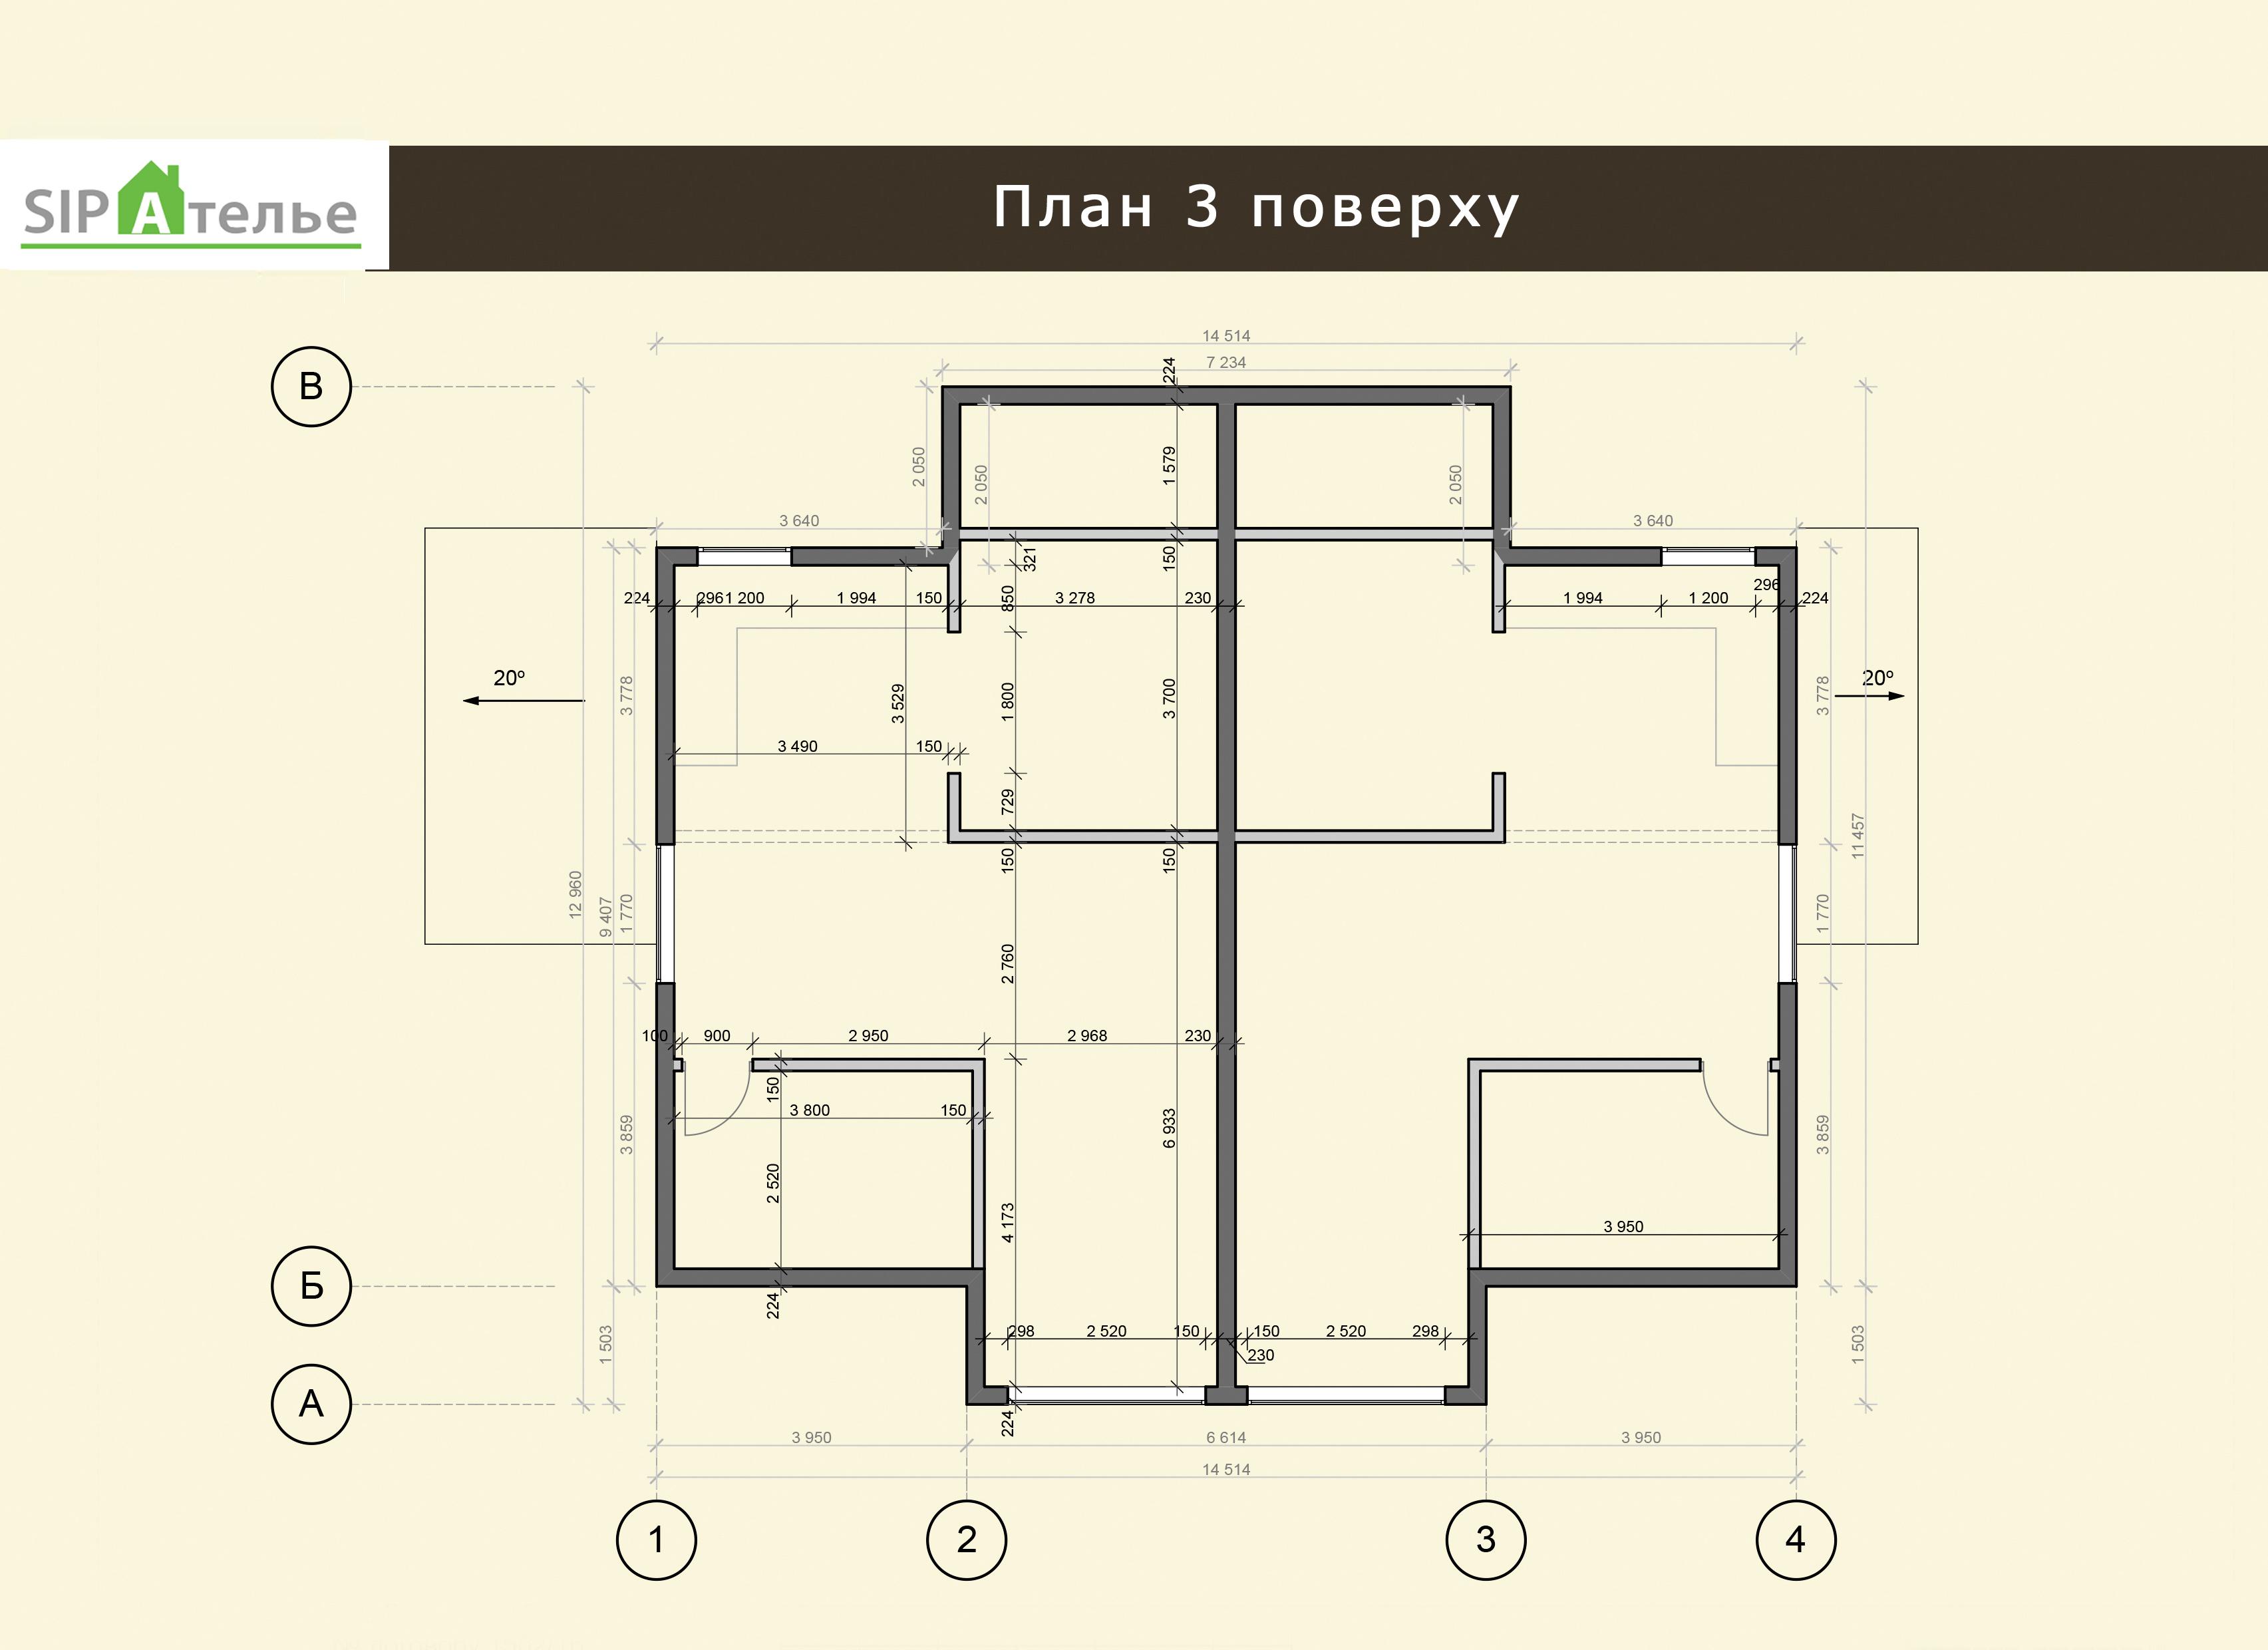 Планировка таунхауса Новрей из сип панелей 558,0 М2